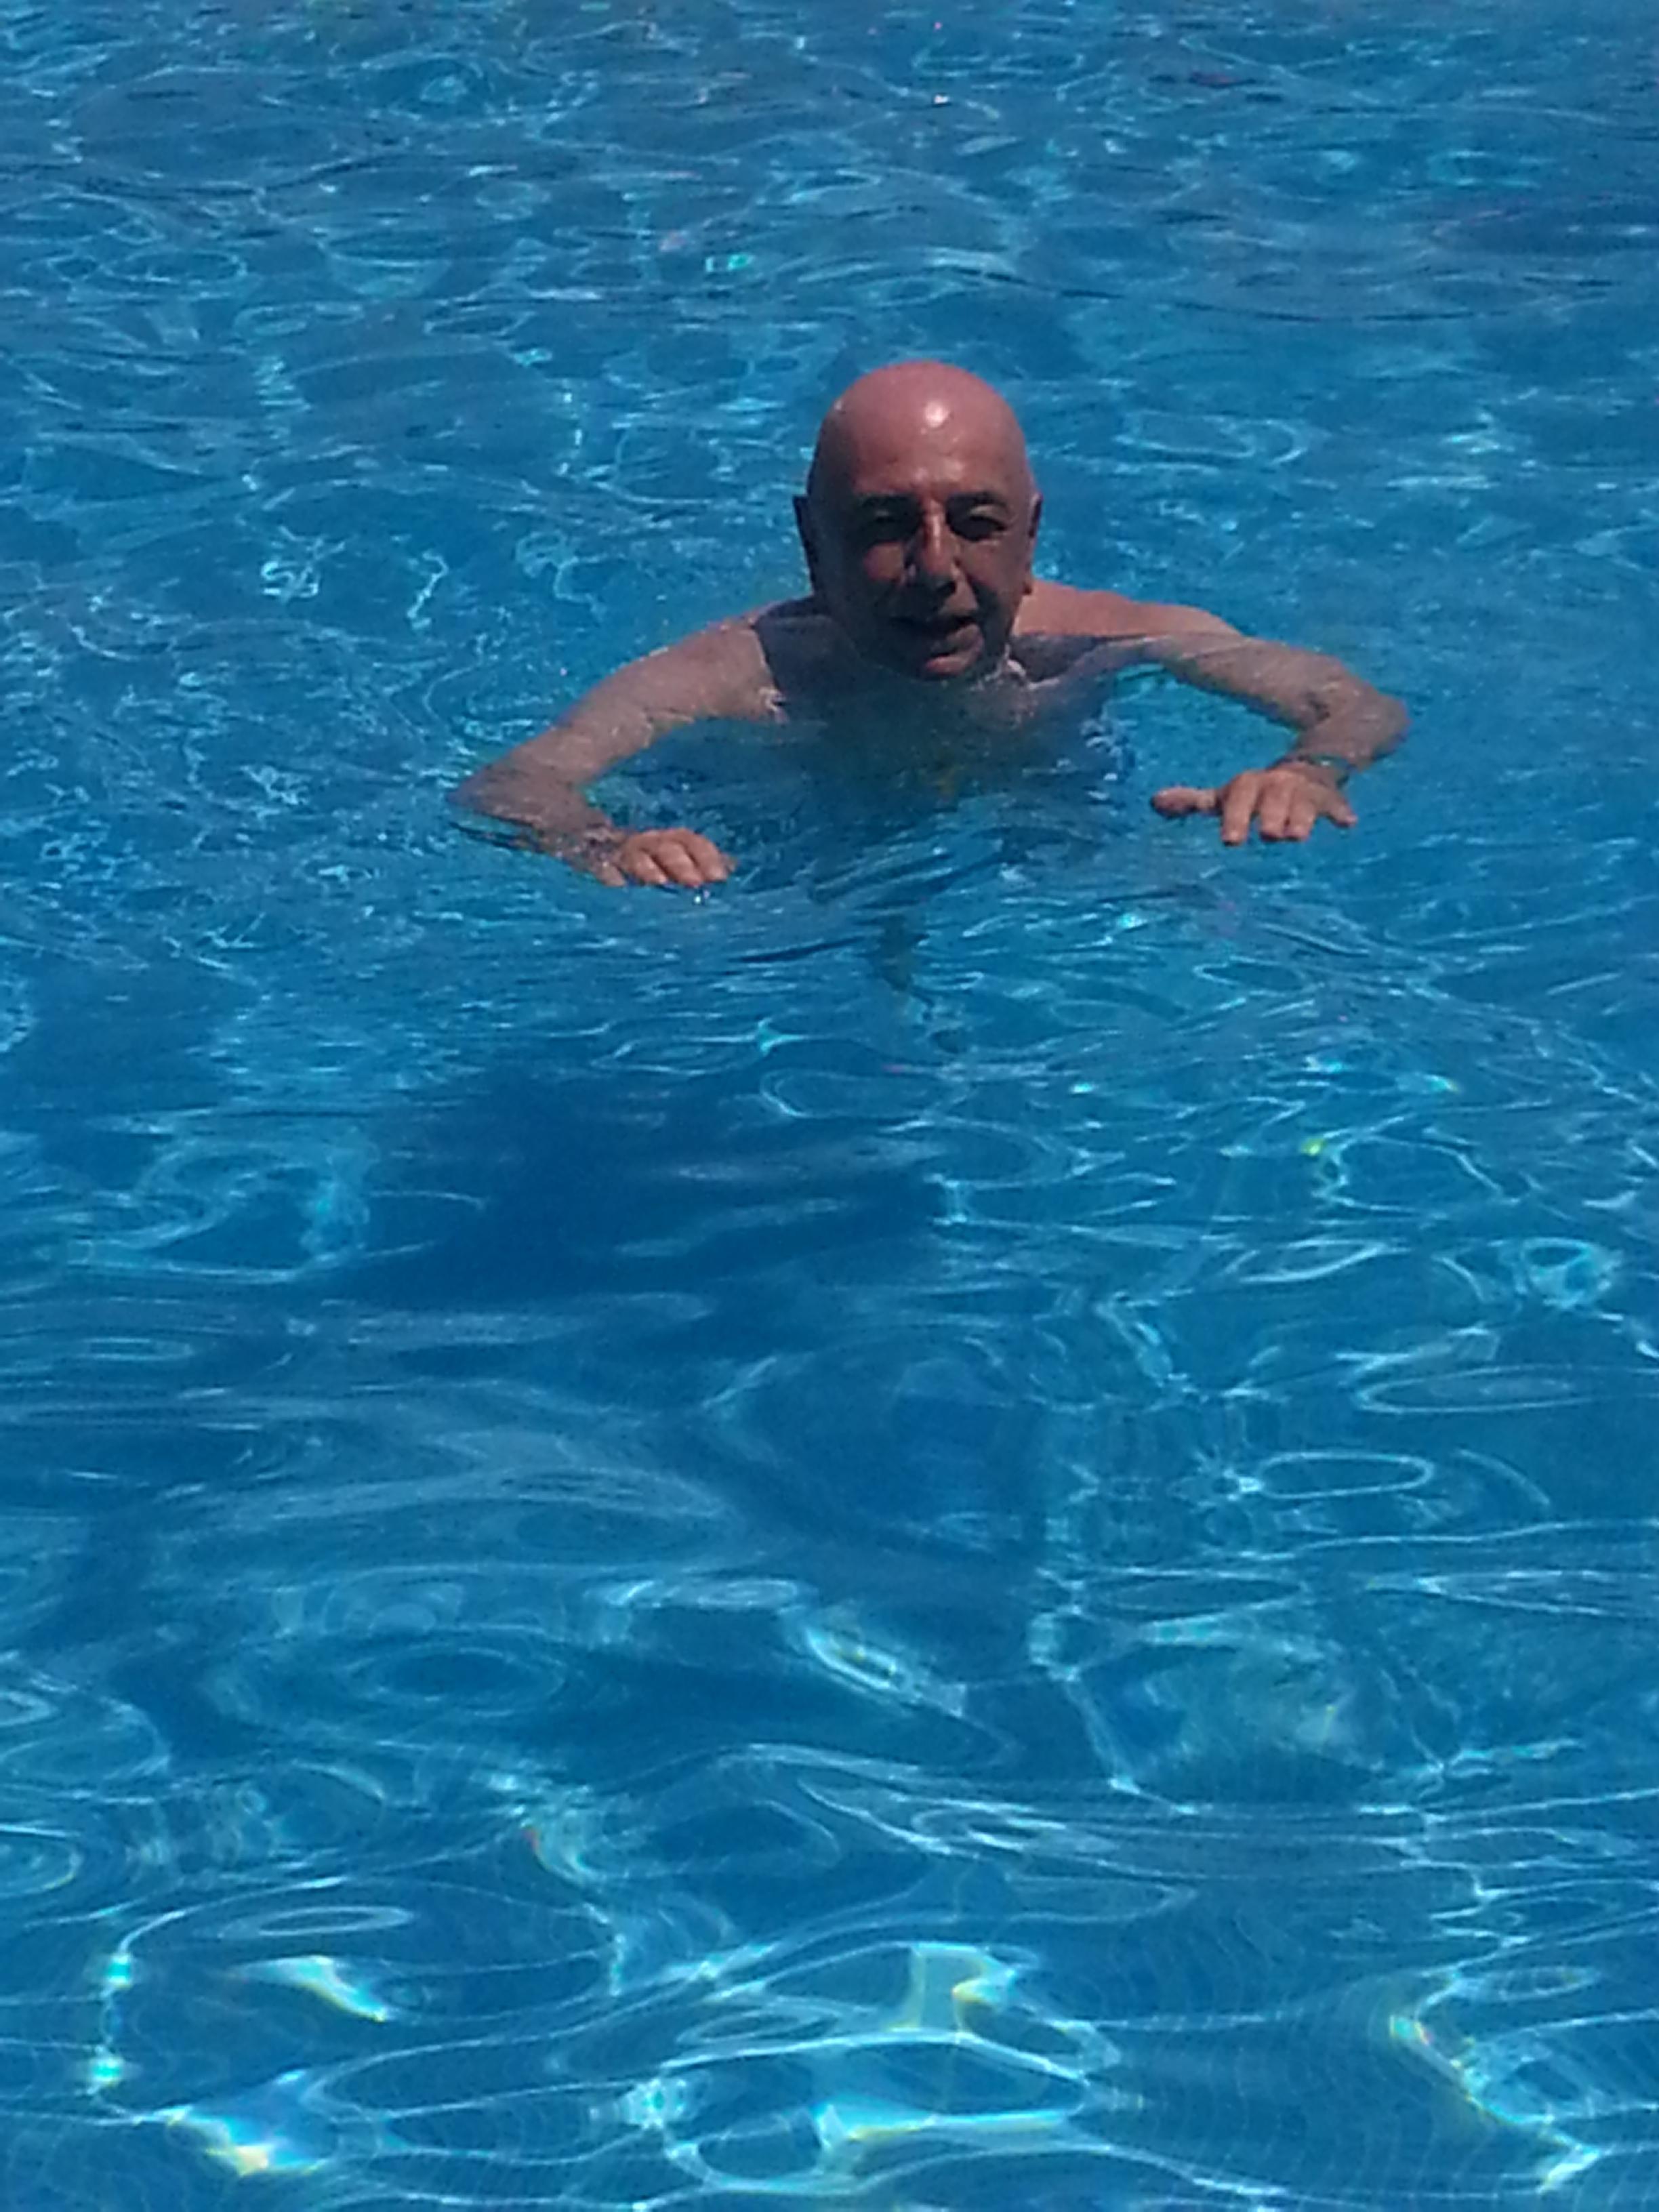 Voglia di vacanze e Adriano Galliani sbarca in Sicilia. Per la precisione a Taormina. (Tutte le foto sono di Saro Laganà)